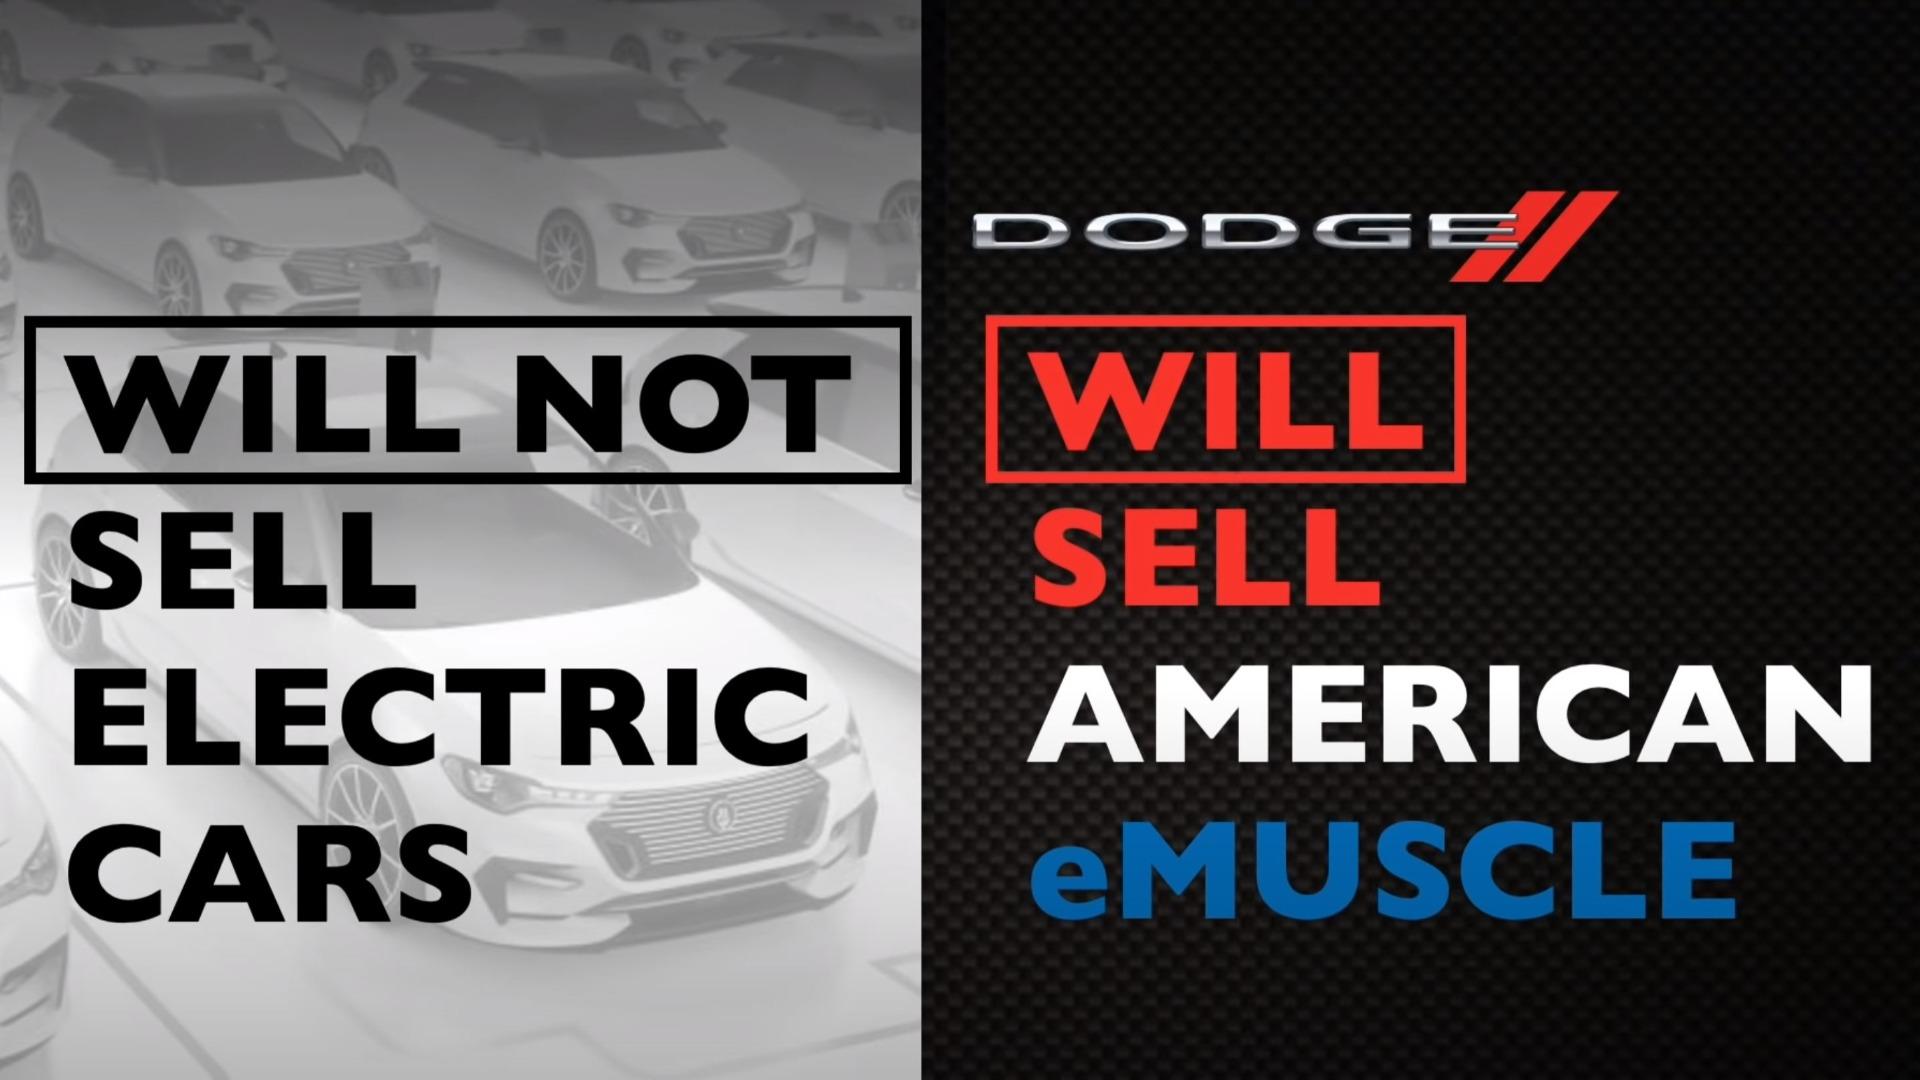 Dodge sier, noe hyklersk, at de ikke skal selge elektriske biler, men heller «American eMuscle».